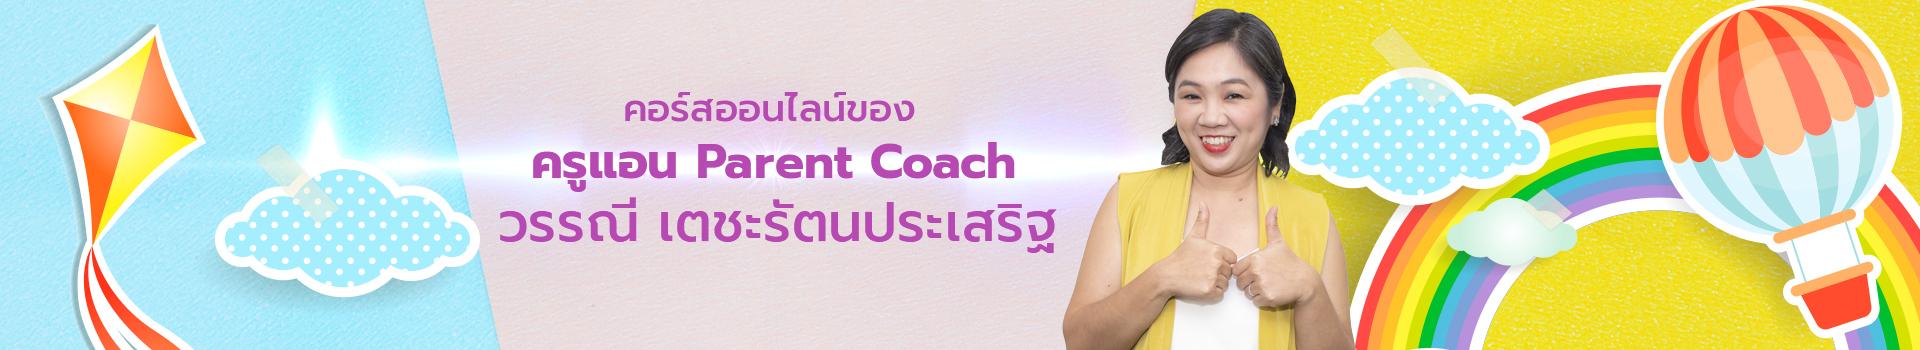 วรรณี เตชะรัตนประเสริฐ (ครูแอน Parent Coach) cover photo